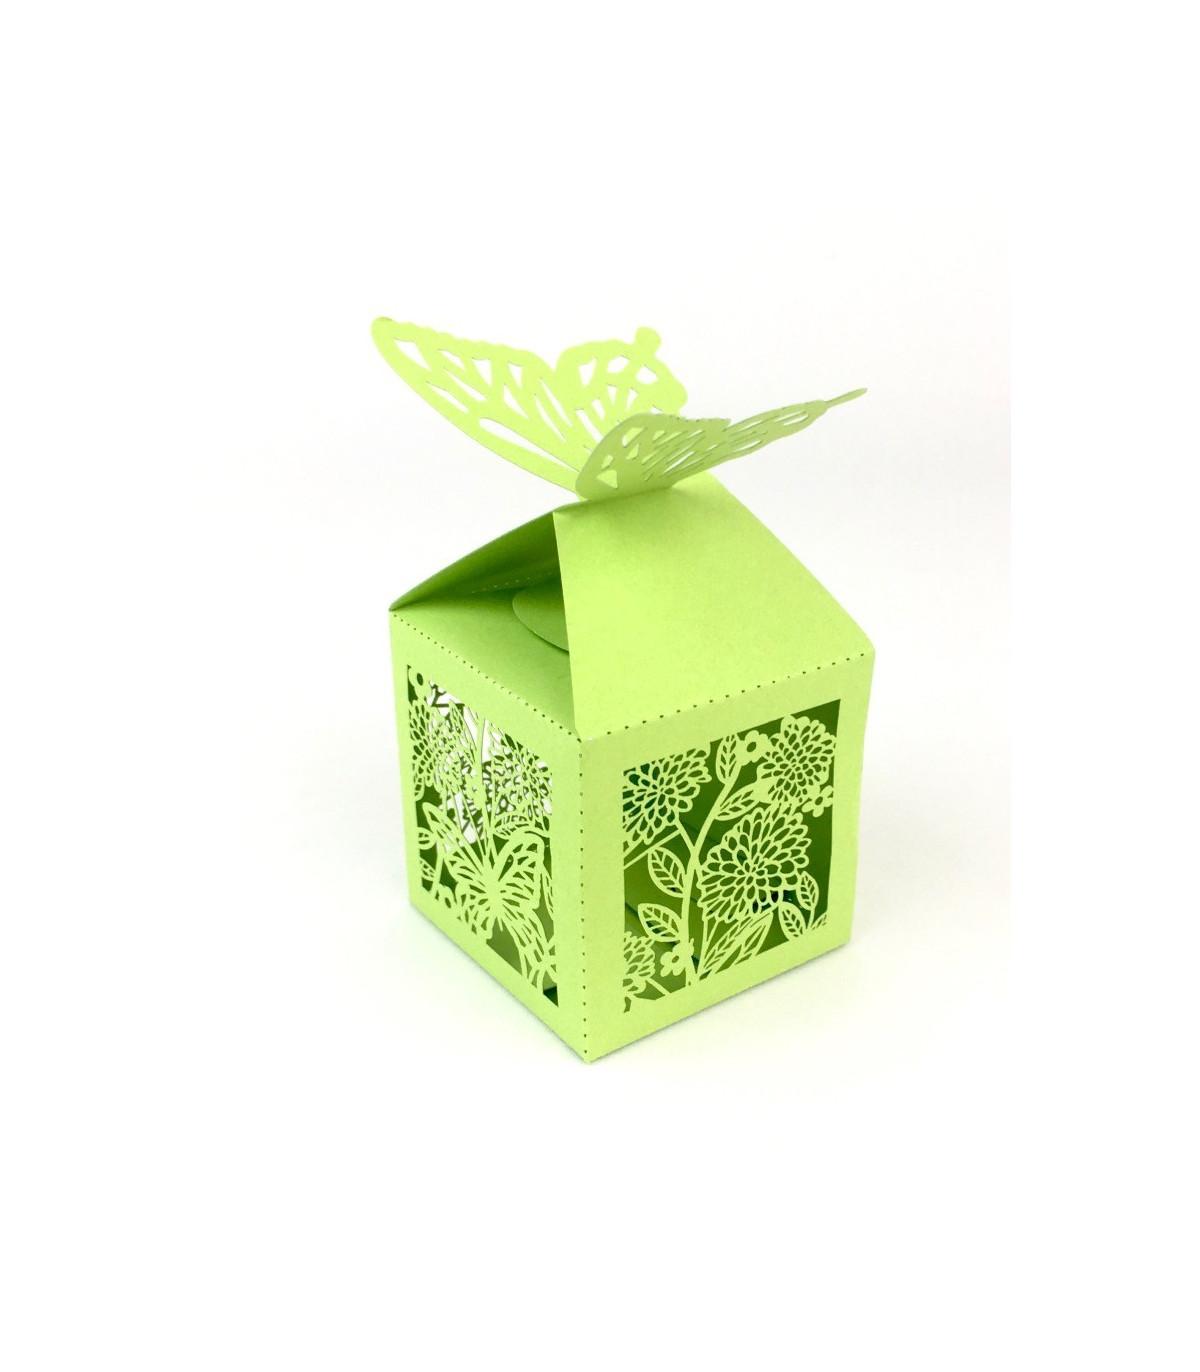 Contenant drag es cube vert pomme motif papillon couleur vert - Pomme papillon ...